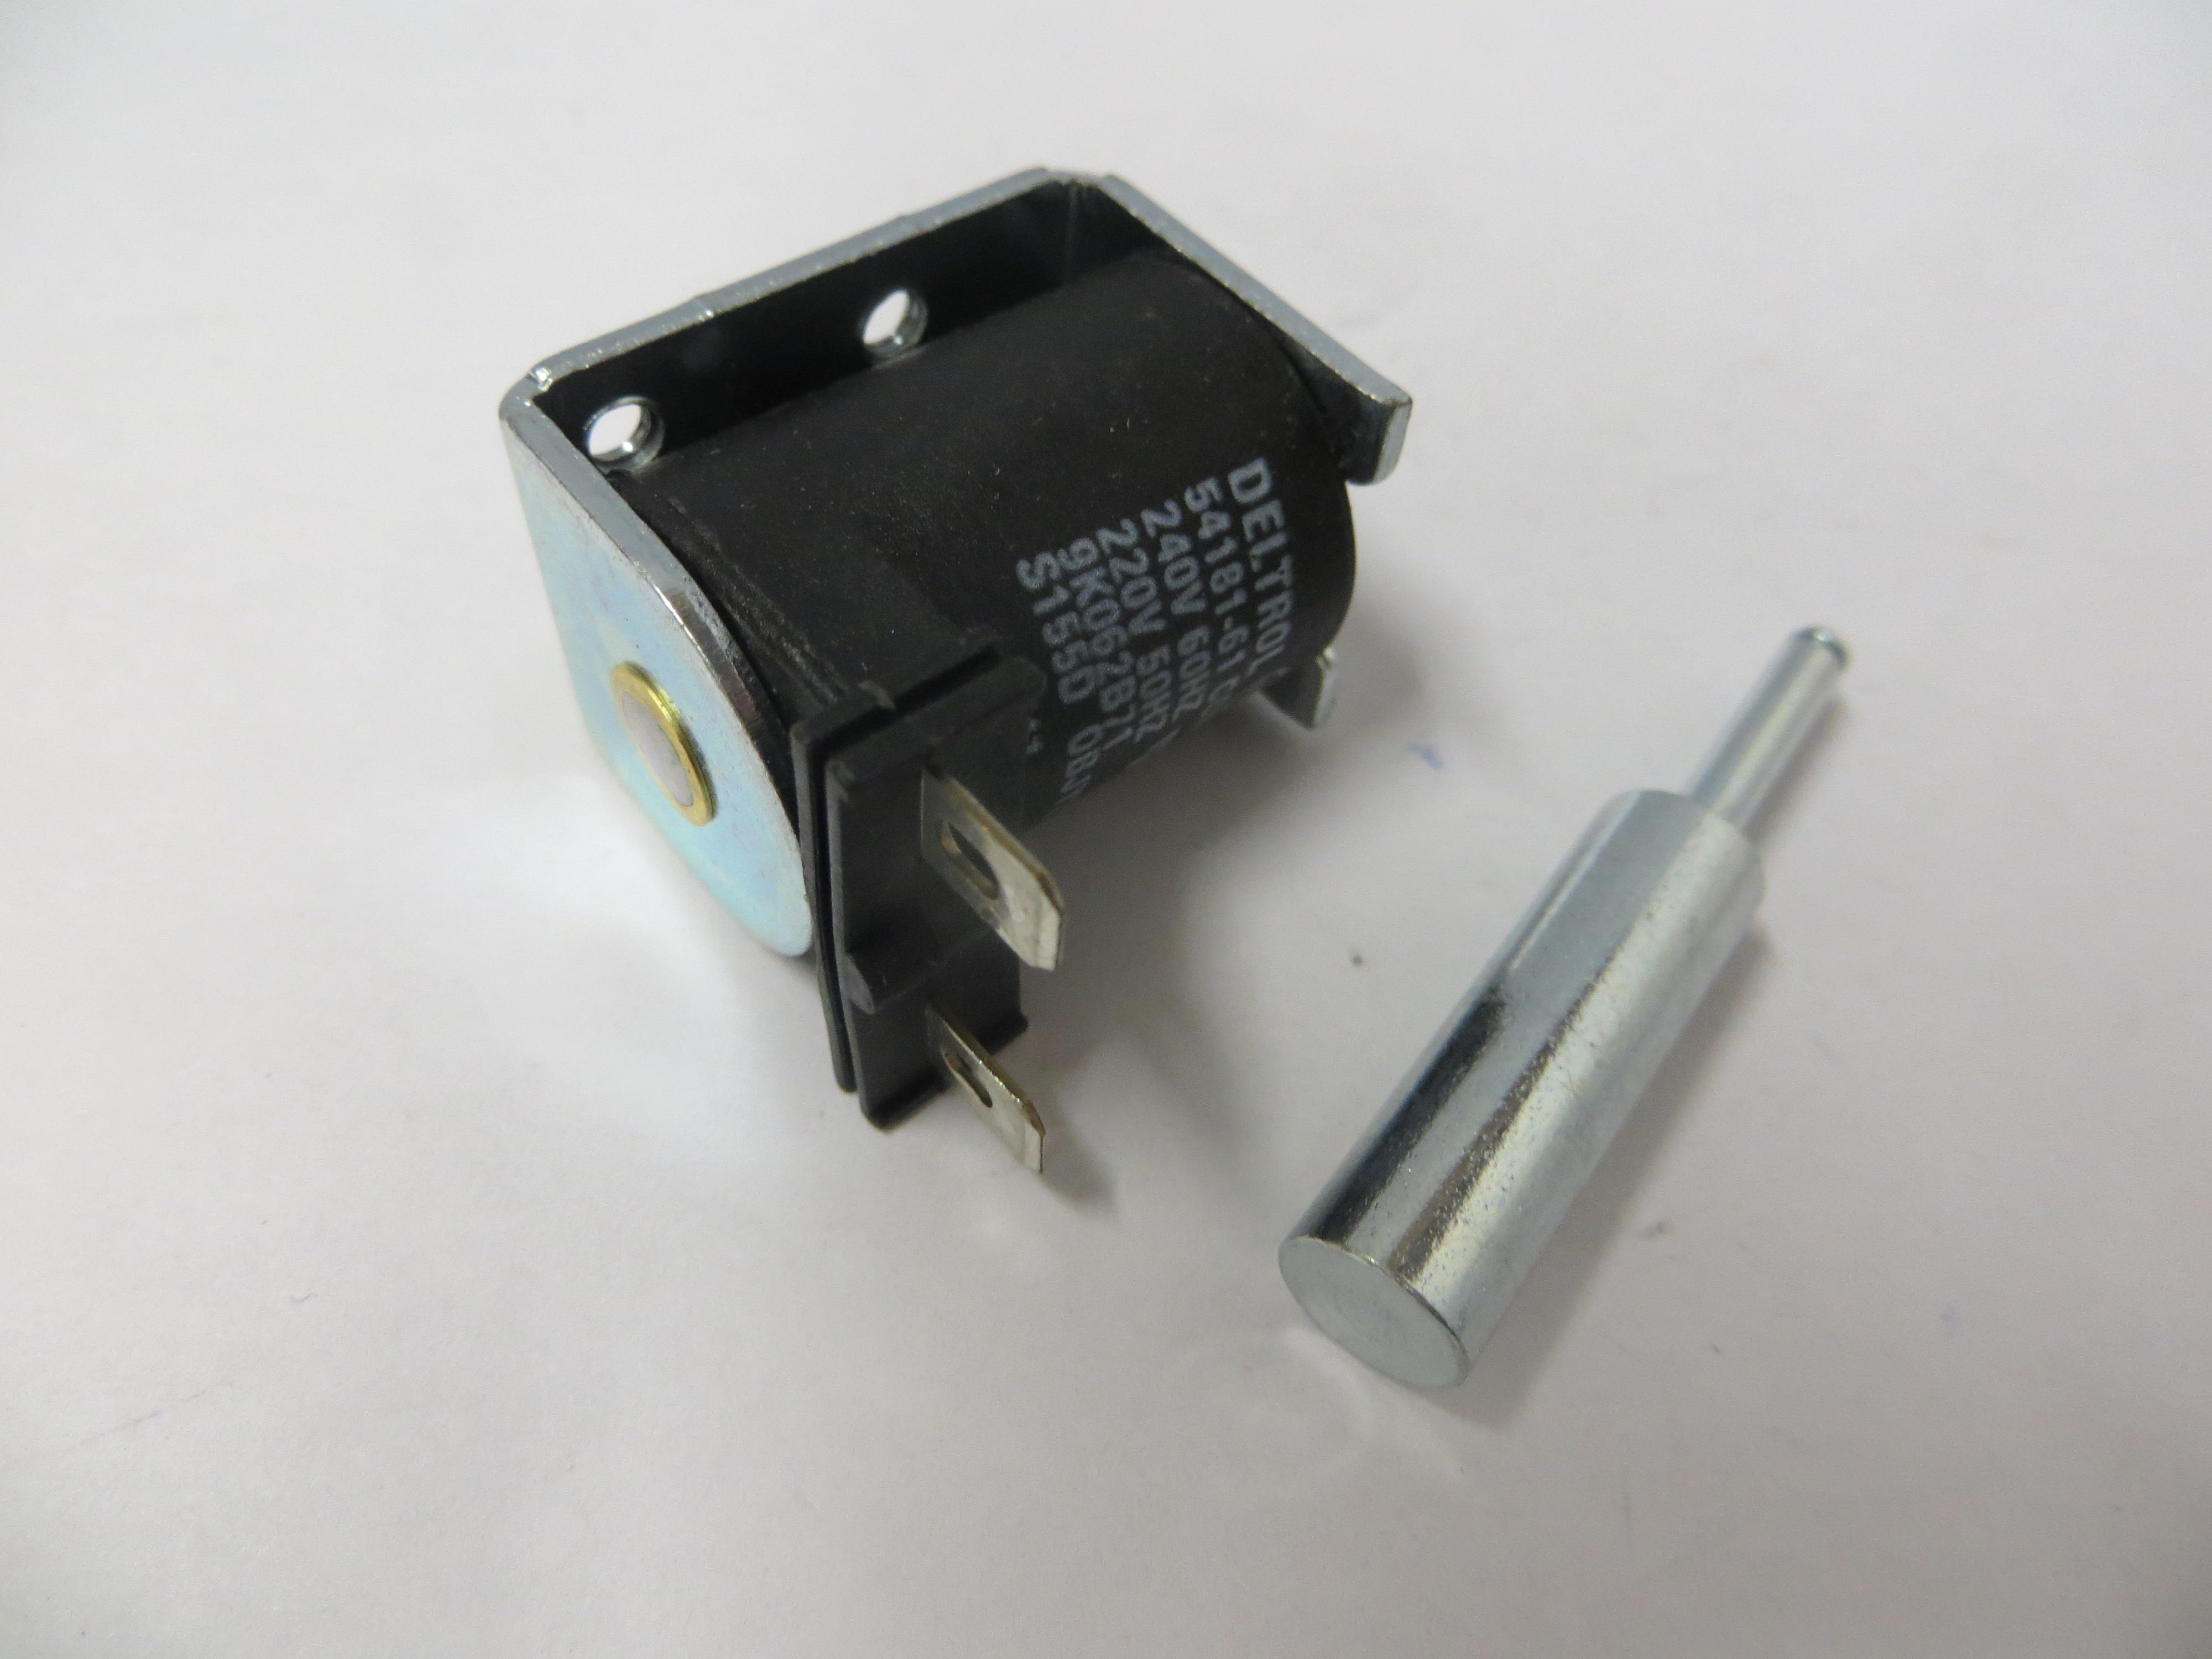 09K062B71 - 240/60 lb. Door Lock Solenoid